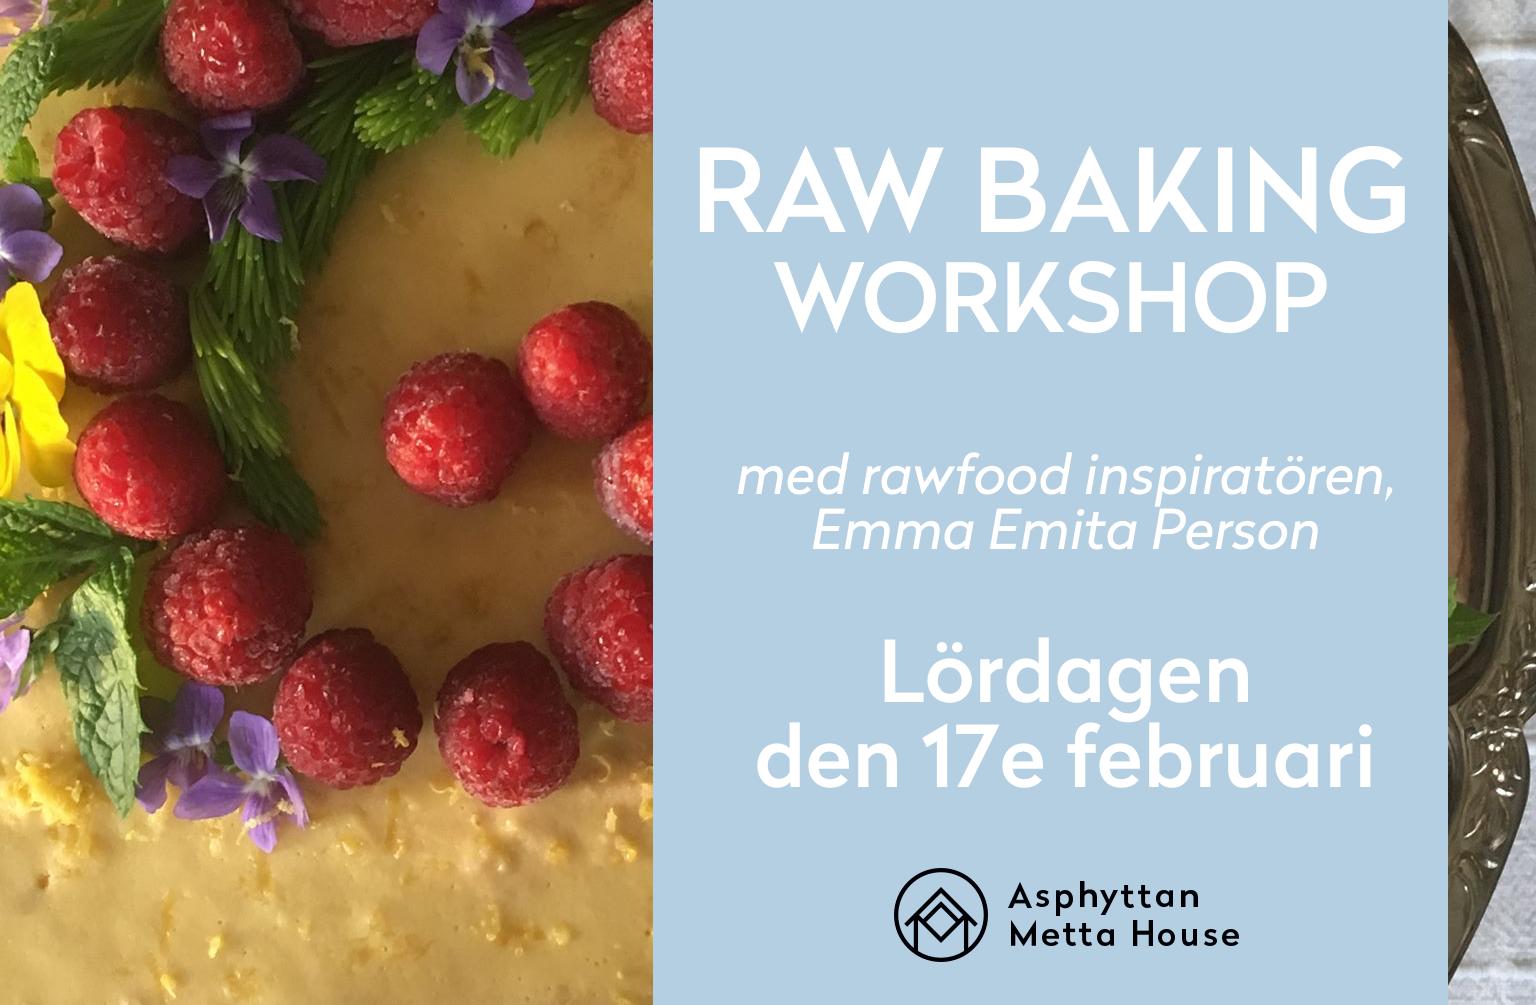 Raw baking-workshop, 17/2 - Vad: Vi håller en raw baking-workshop, tillsammans med Emma Emita Person - som är en fantastisk raw food-inspiratör. Hon ska lära oss grunderna i hur raw baking faktiskt funkar, vilka råvaror som passar bäst för de olika säsongerna och sen får vi faktiskt baka tre av hennes favoriter.När: Kl 14.00-17.00, lördagen den 17e februari 2018Pris: 600 kr per person (föranmälan krävs - se FB-event nedan)Adress: Asphyttan 133 - i Hembygdsgården, bredvid oss, Asphyttan Metta HouseFör mer detaljer - se Facebook-eventet här.